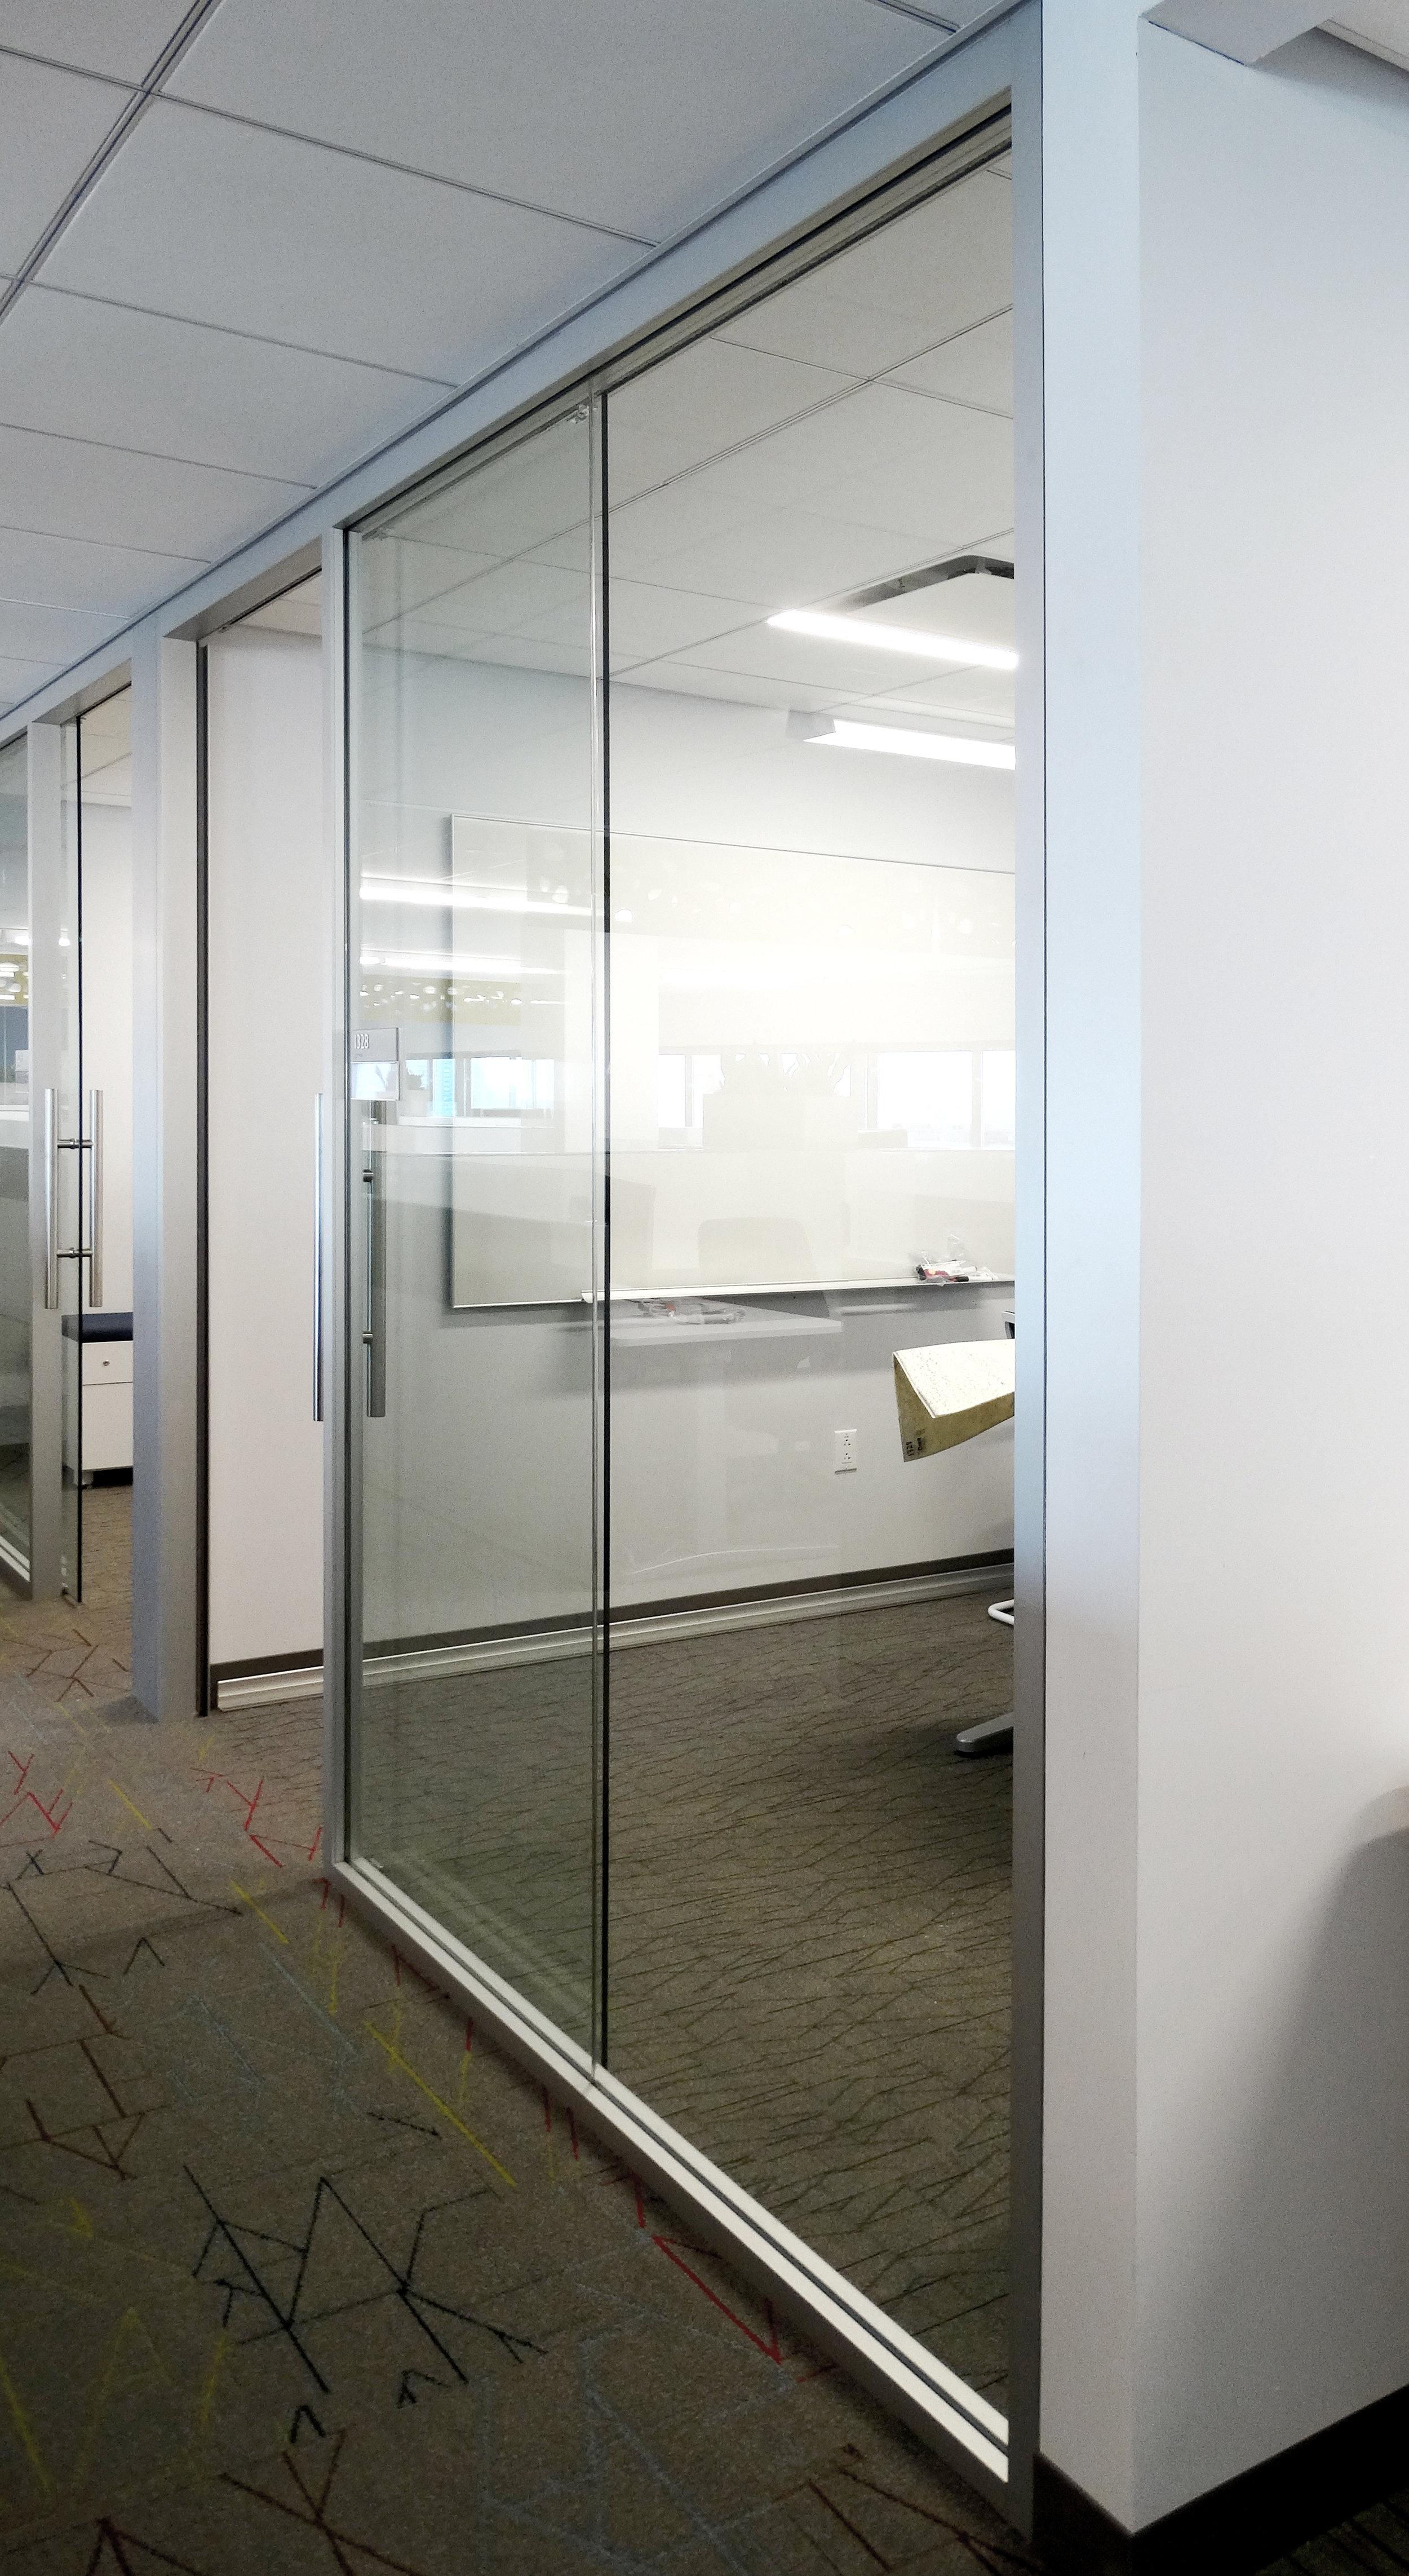 Litespace Aluminum Framed Butt Glazed Office Glass Sidelite - Spaceworks AI.jpg